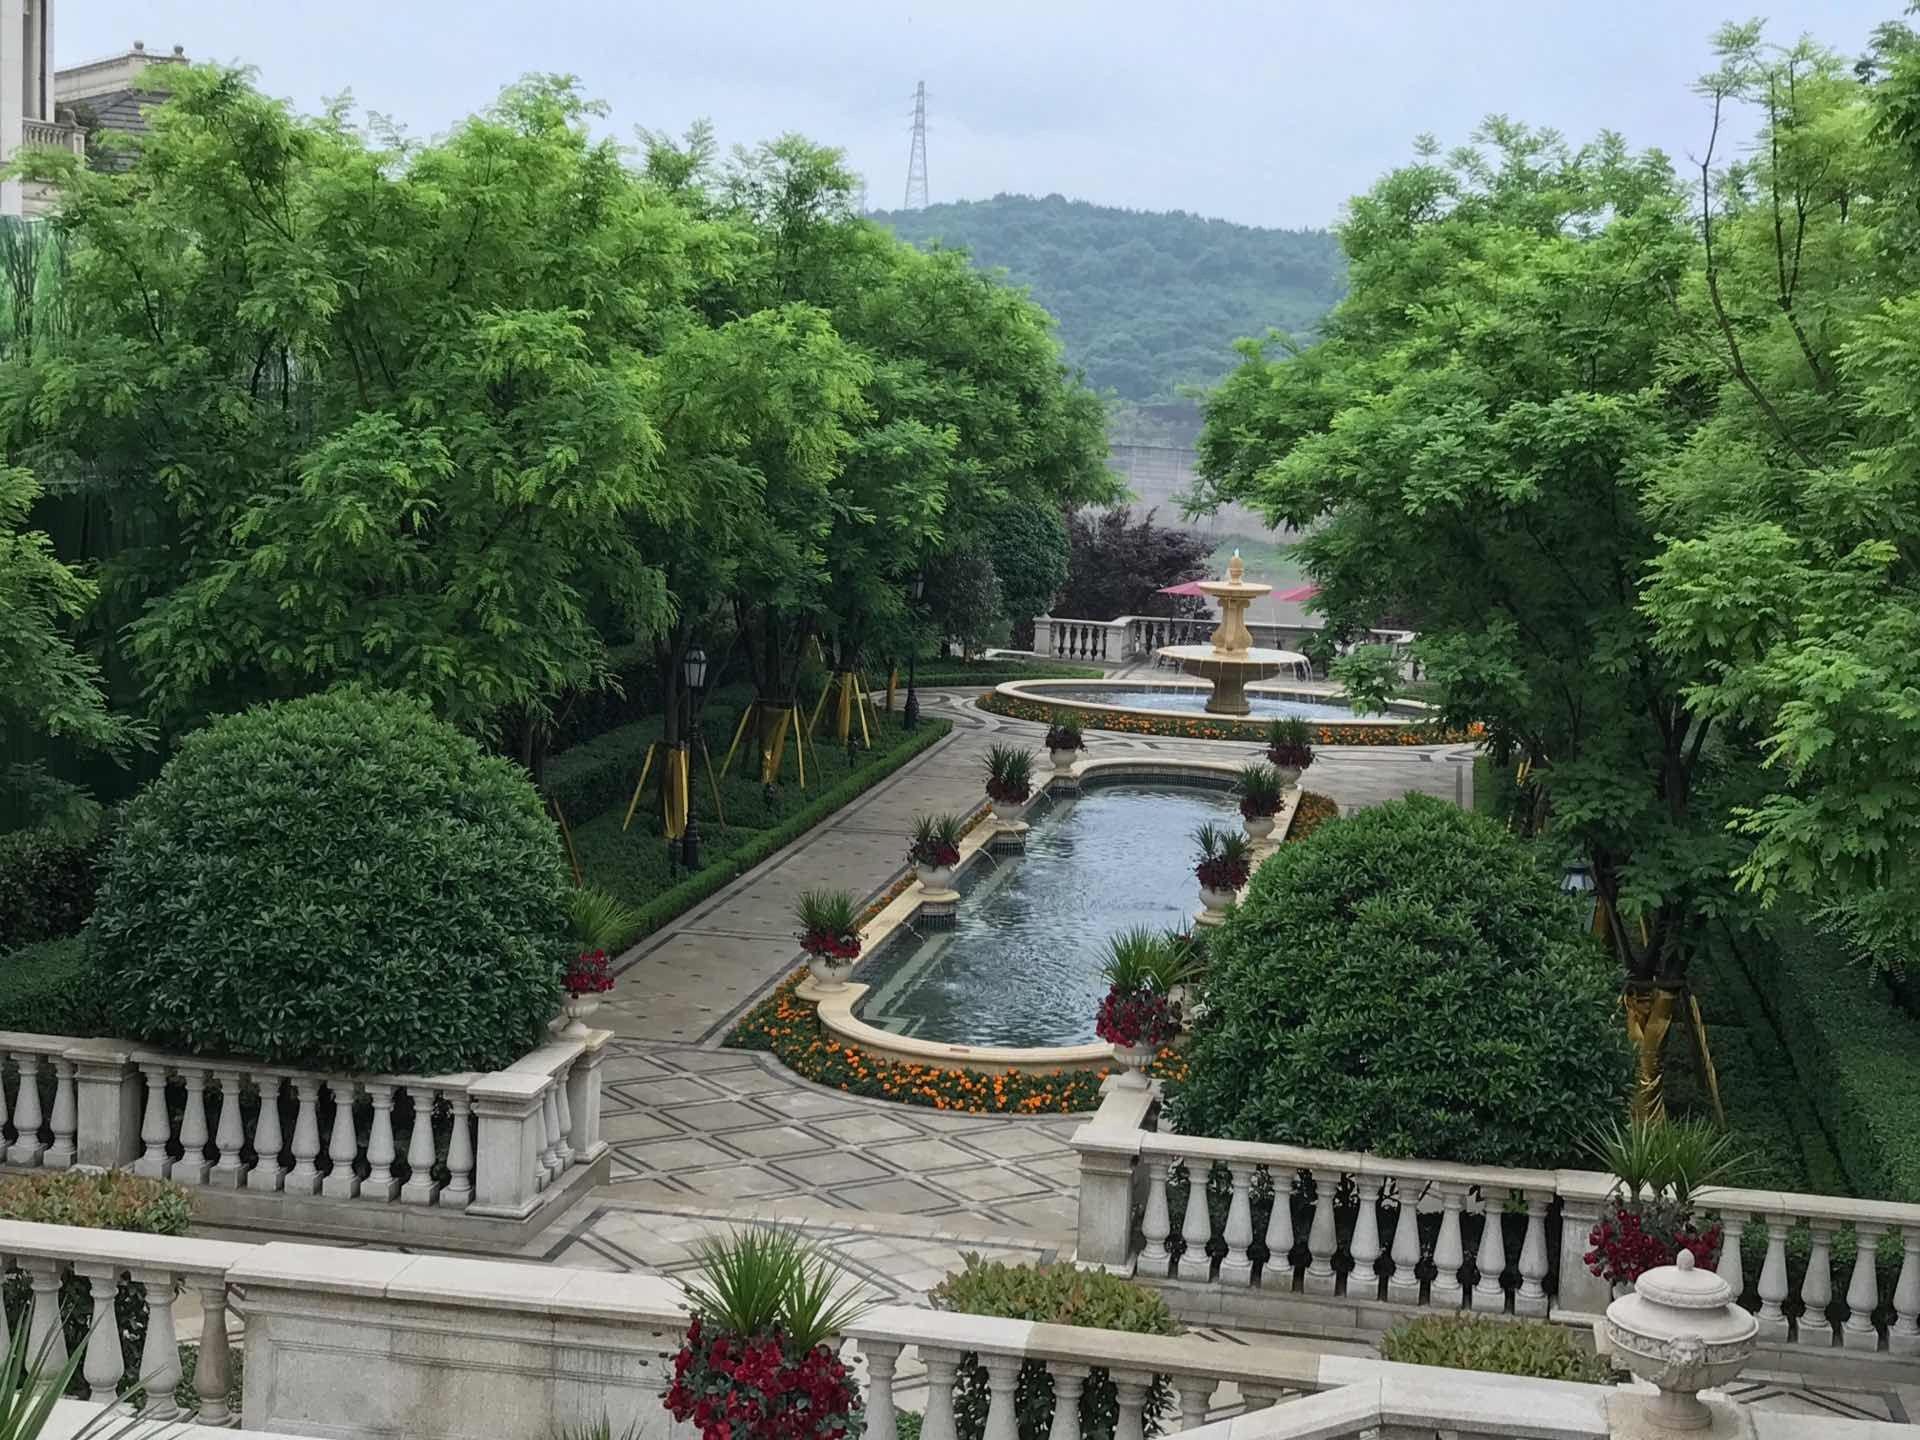 特房景观设计v精品精品考察重庆九大景观楼盘人员参加活动室内设计公司怎么收费标准图片